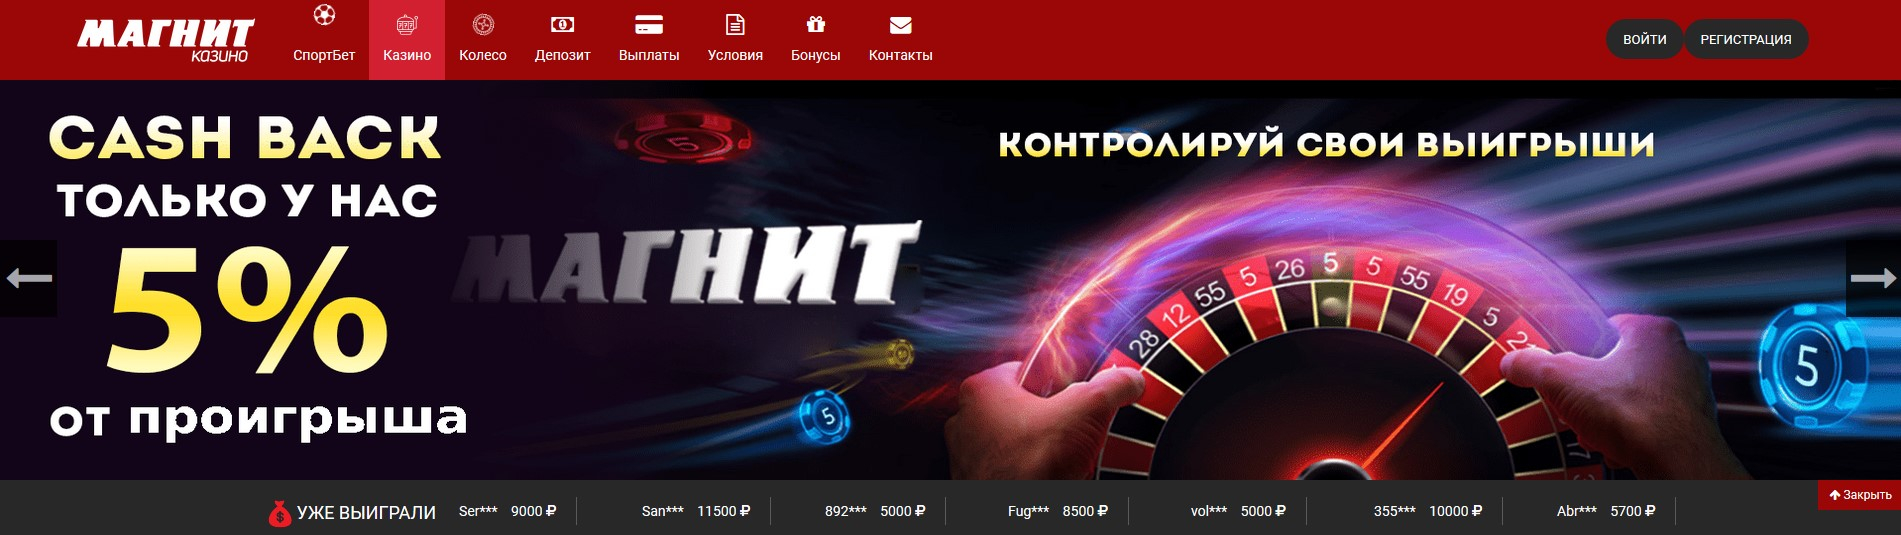 официальный сайт магнит слот казино бонус